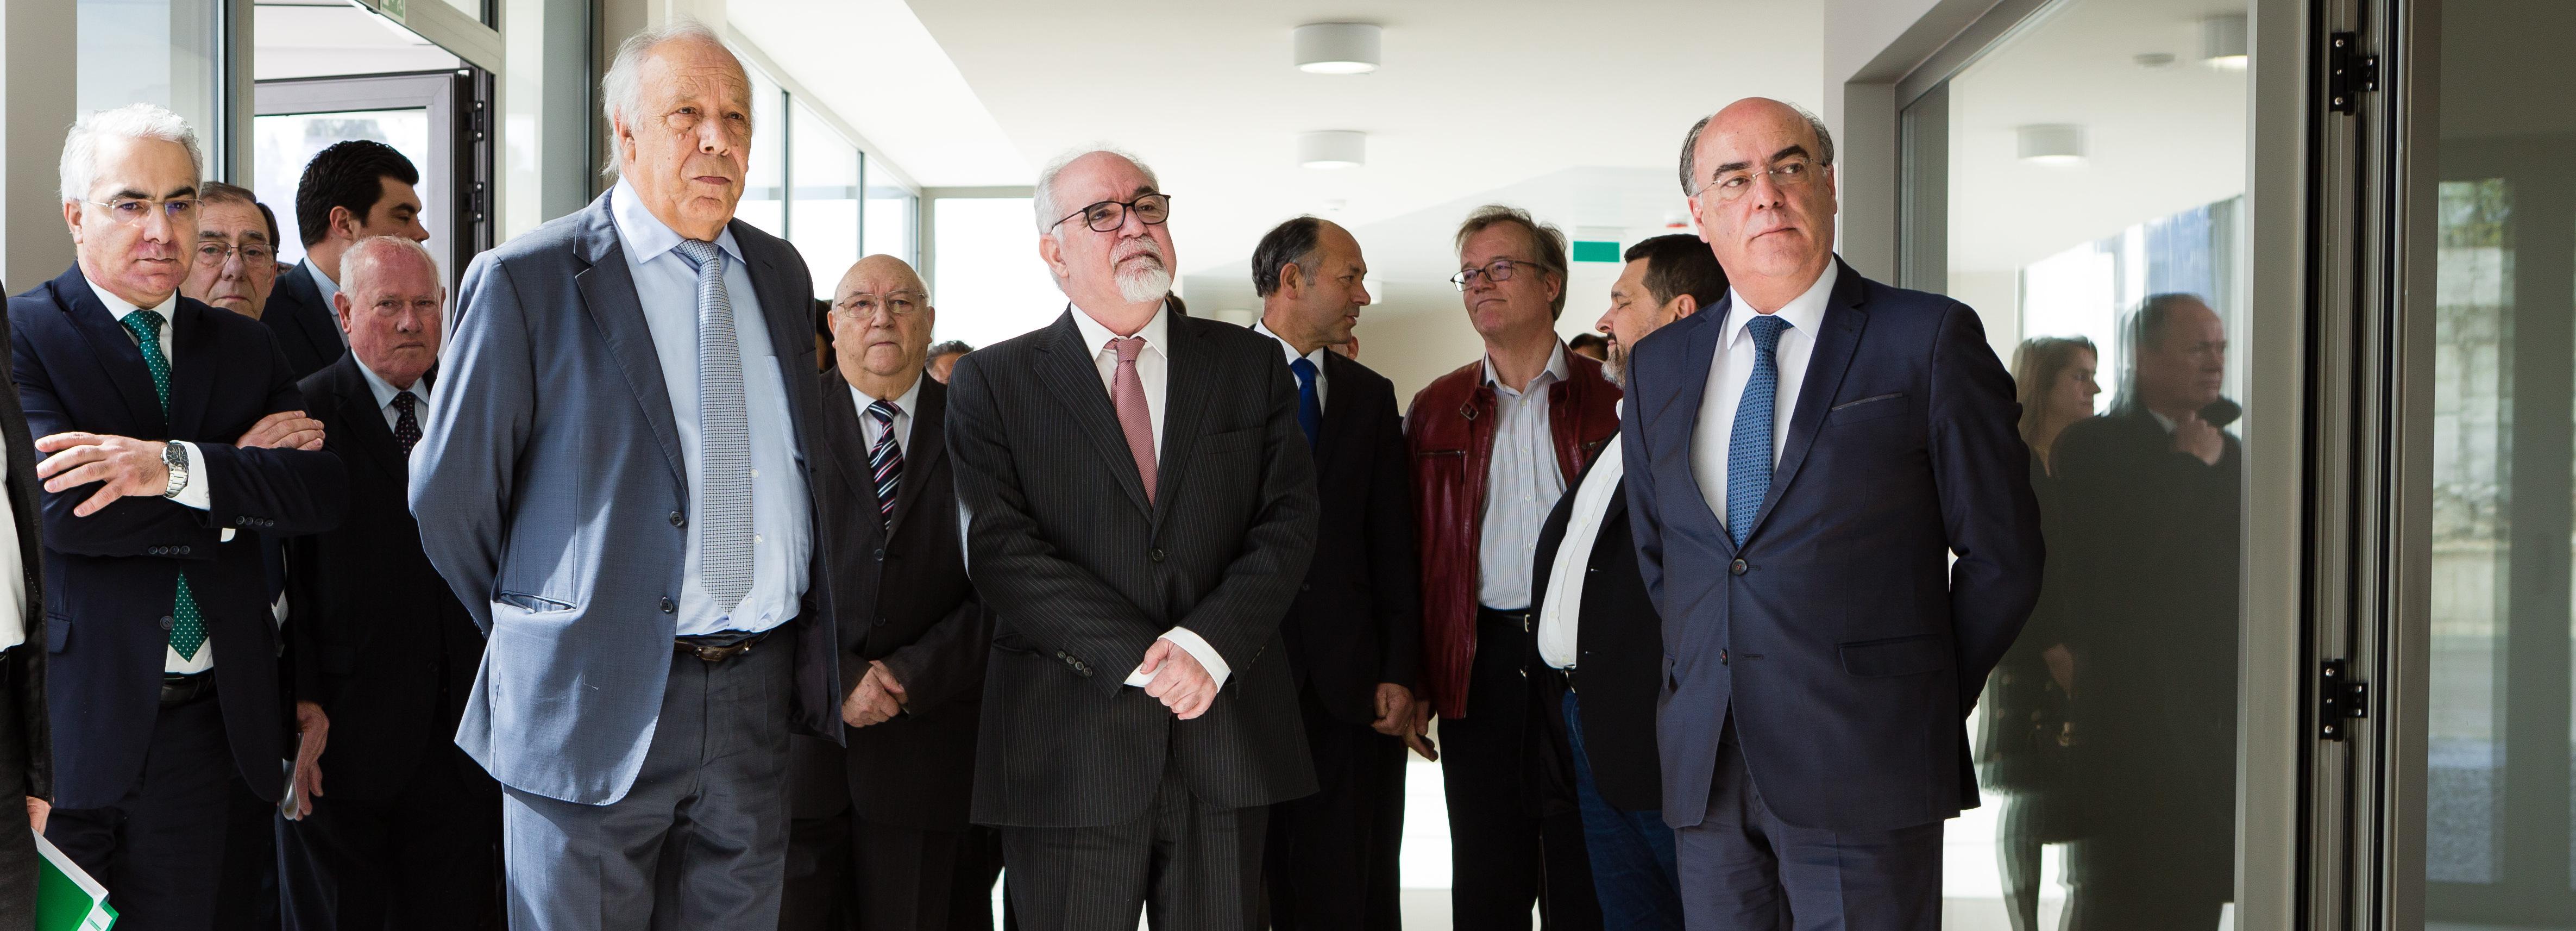 Ministro da Solidariedade e Segurança Social inaugura Residências Sénior do Centro Social de S. Veríssimo